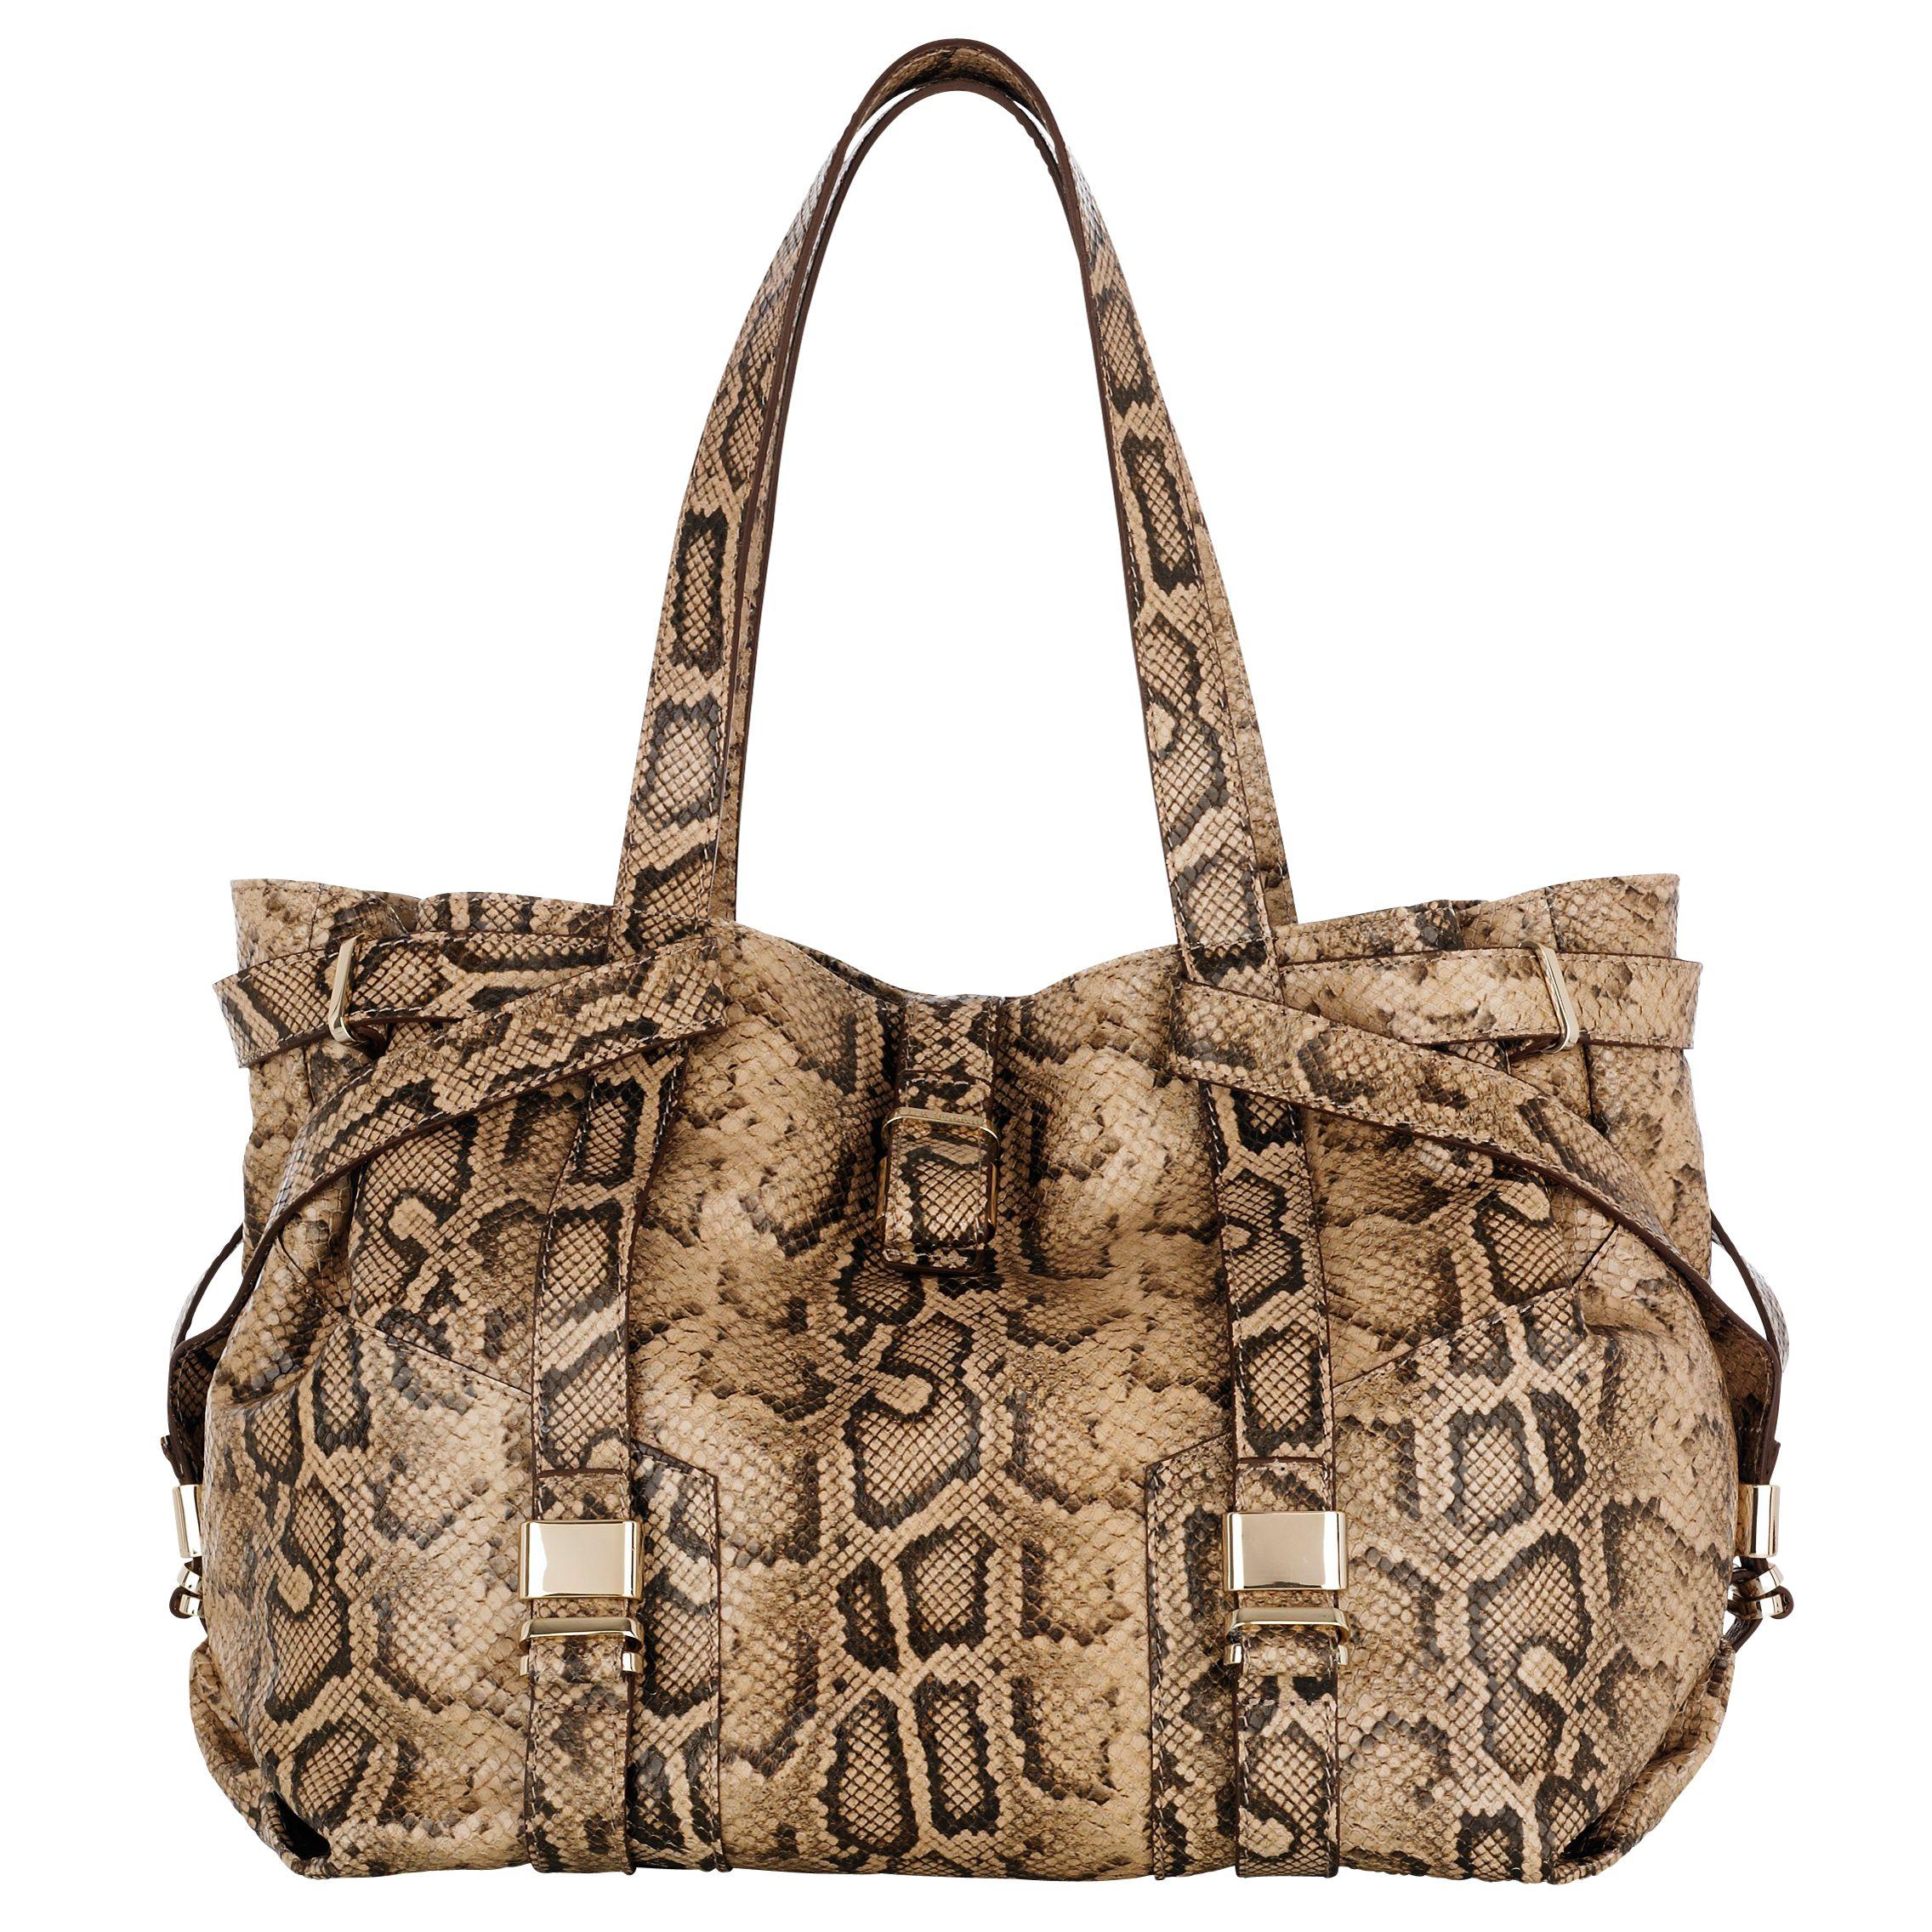 L.K. Bennett Anna Shoulder Bag, Natural at John Lewis